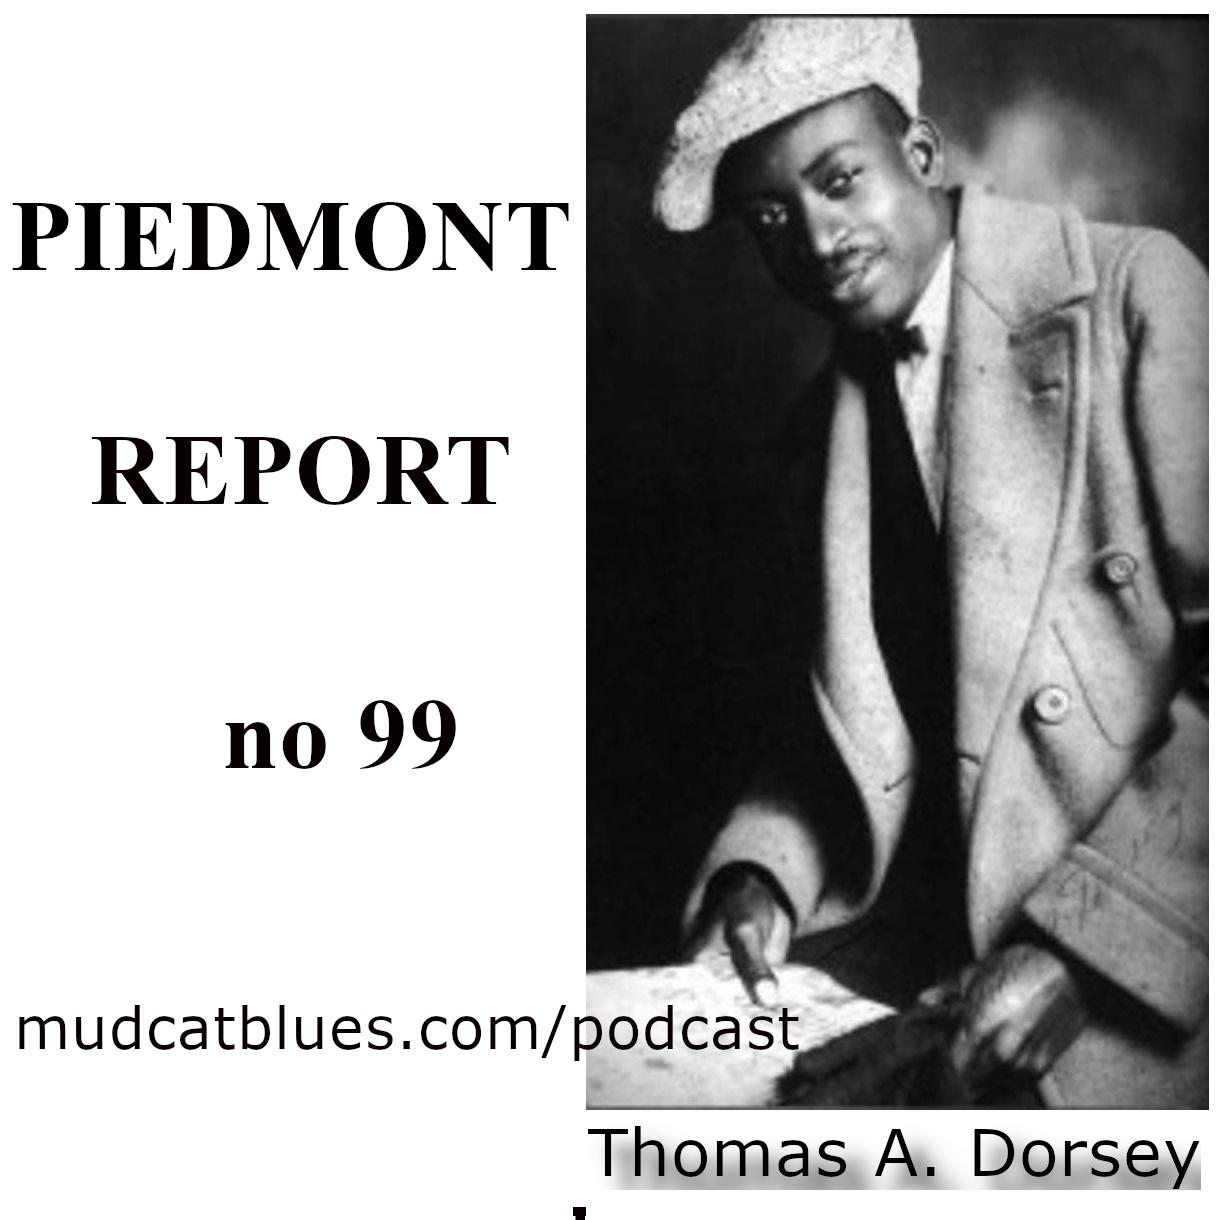 Piedmont Report 99 (Gospel Special)